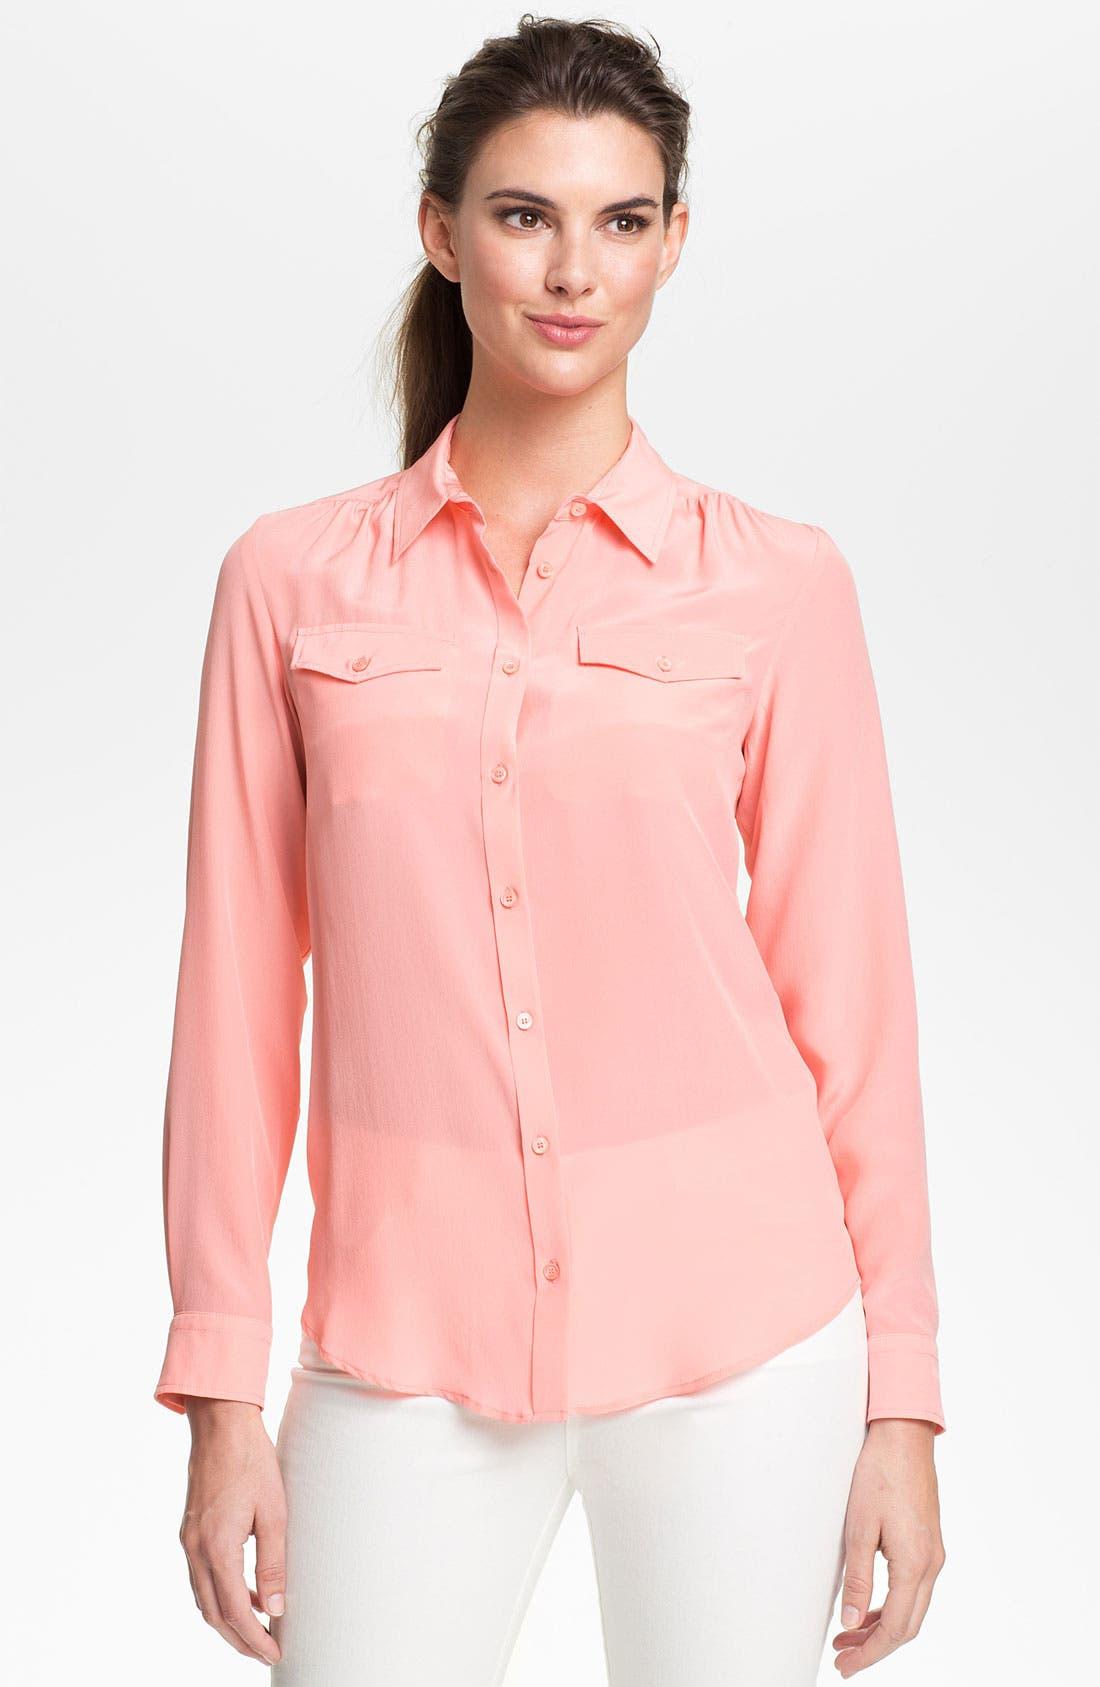 Main Image - Weekend Max Mara 'Udito' Shirt